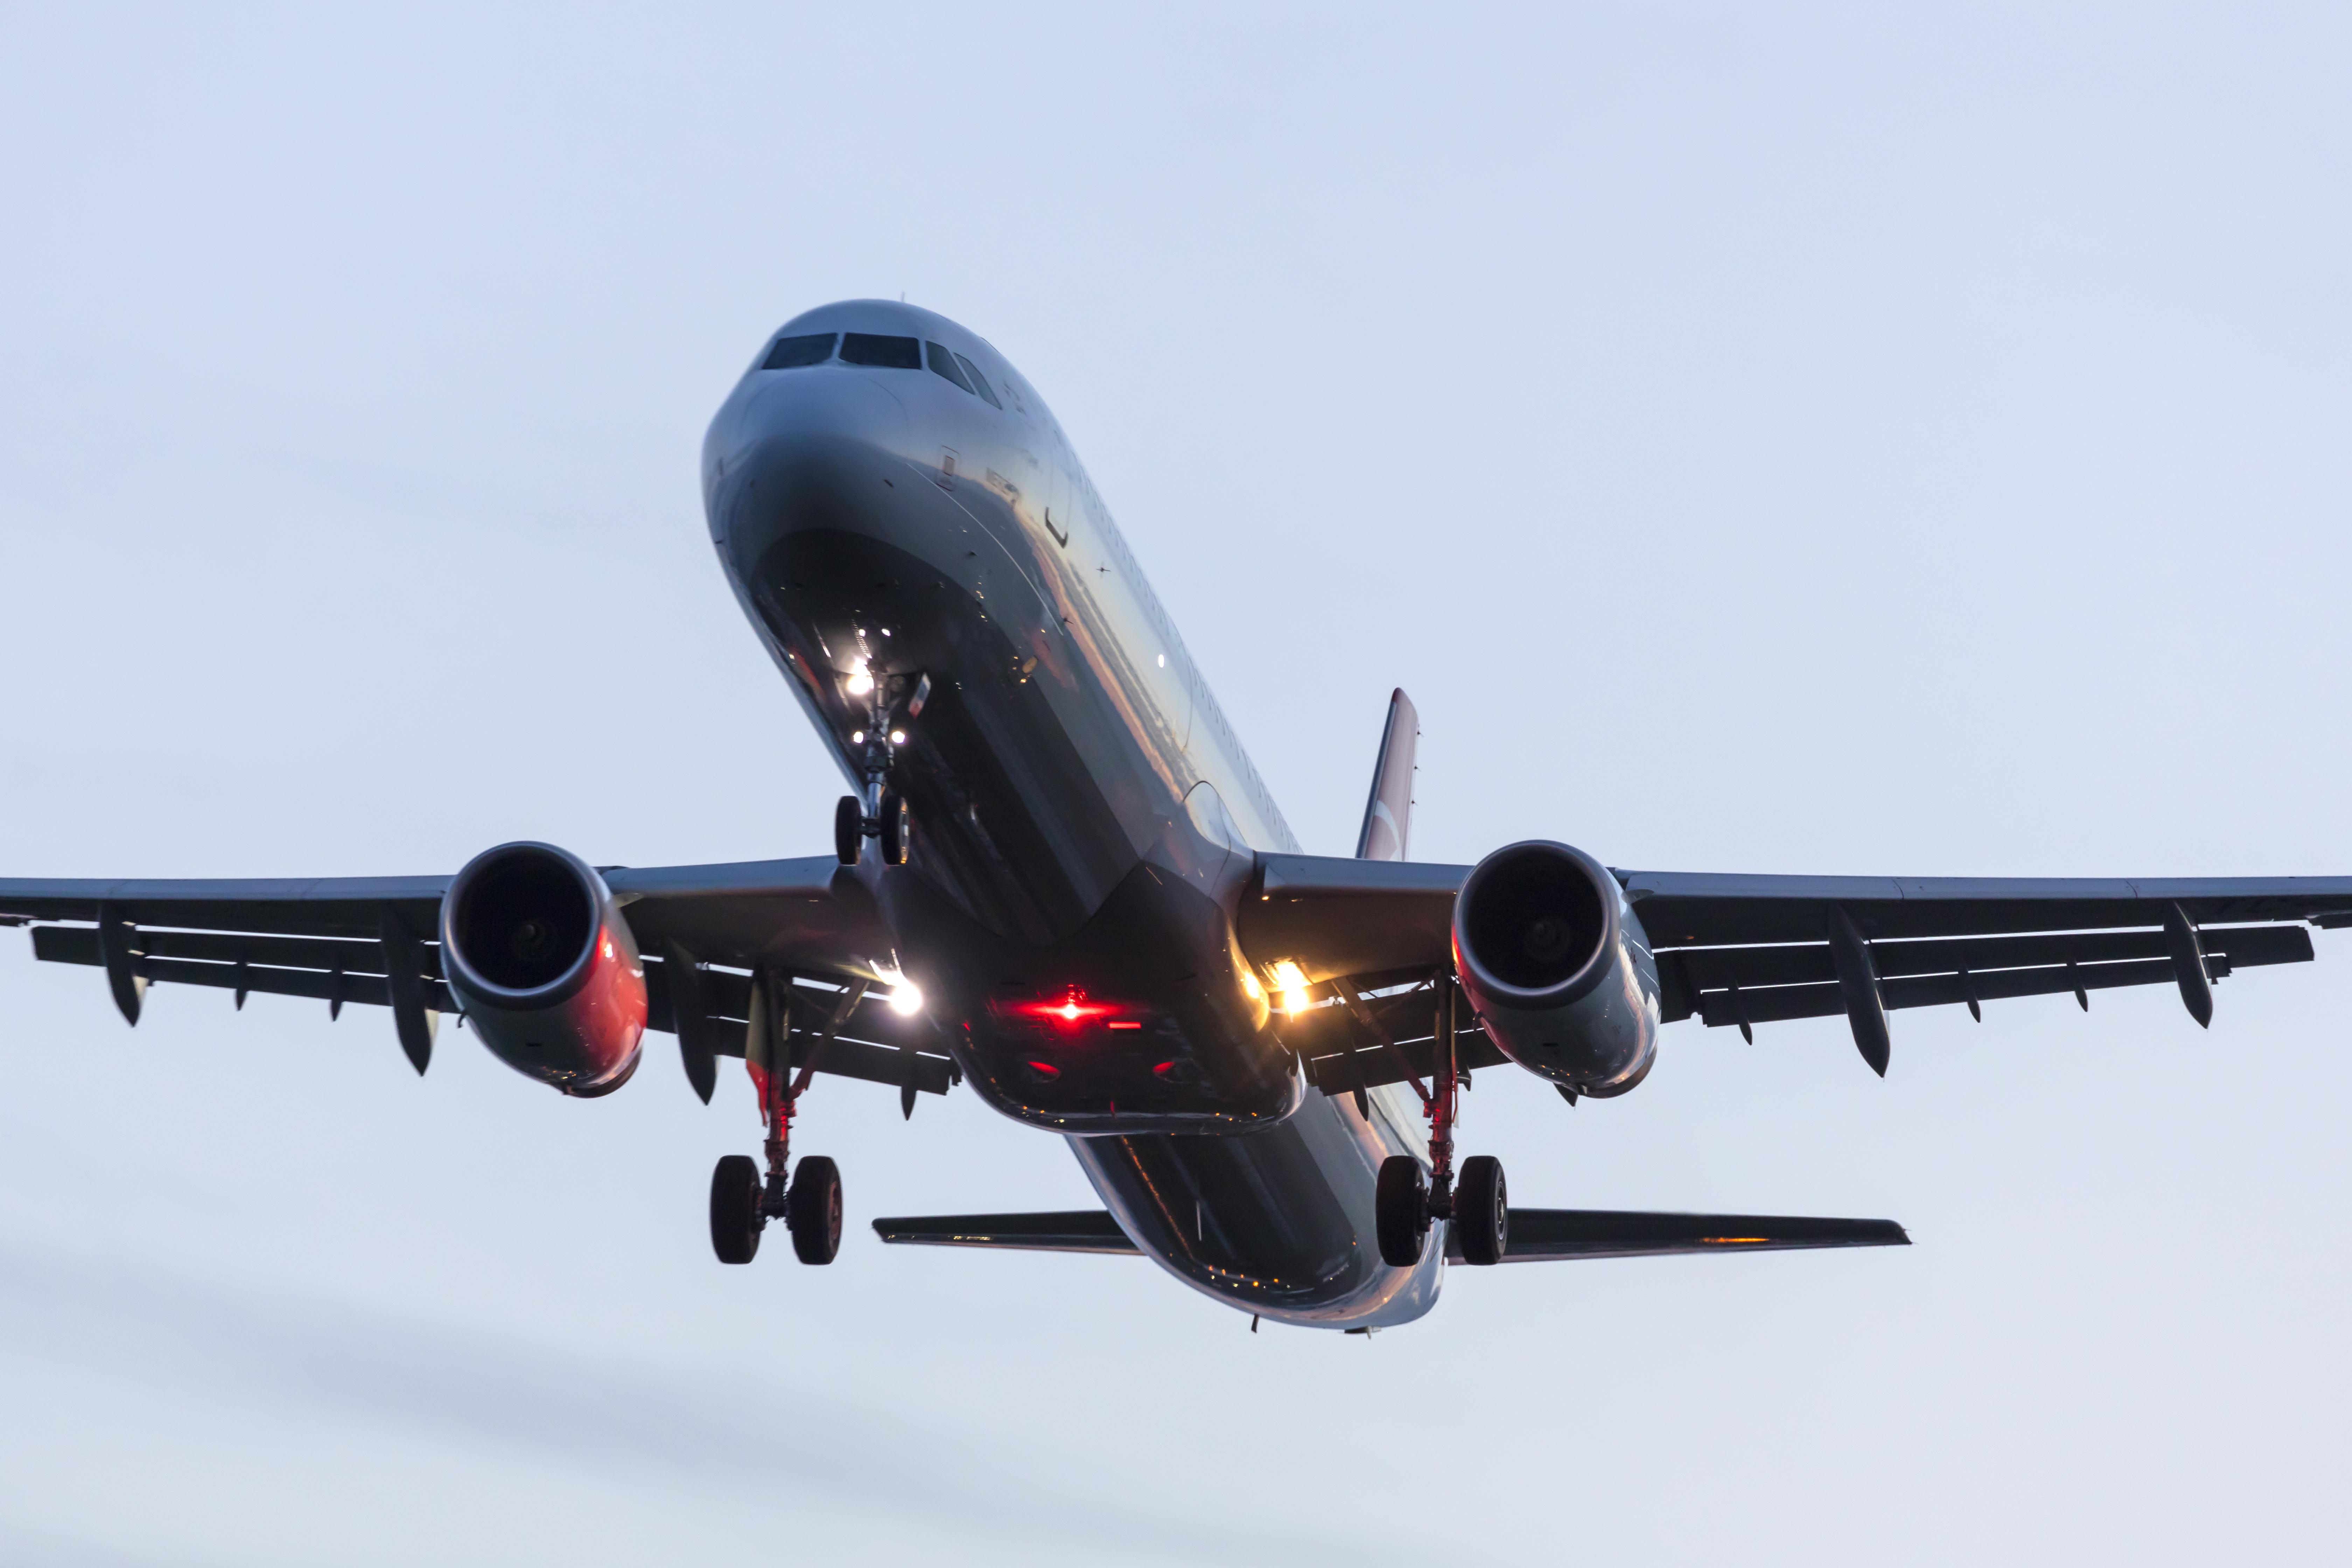 Turkish Airlines har den kommende sommersæson 450 flyruter mellem 279 lufthavne i 121 lande – intet andet flyselskab har ruter til flere lande end Turkish Airlines; der er kommet to nye lande med siden sidste år. (Arkivfoto: © Thorbjørn Brunander Sund, Danish Aviation Photo)